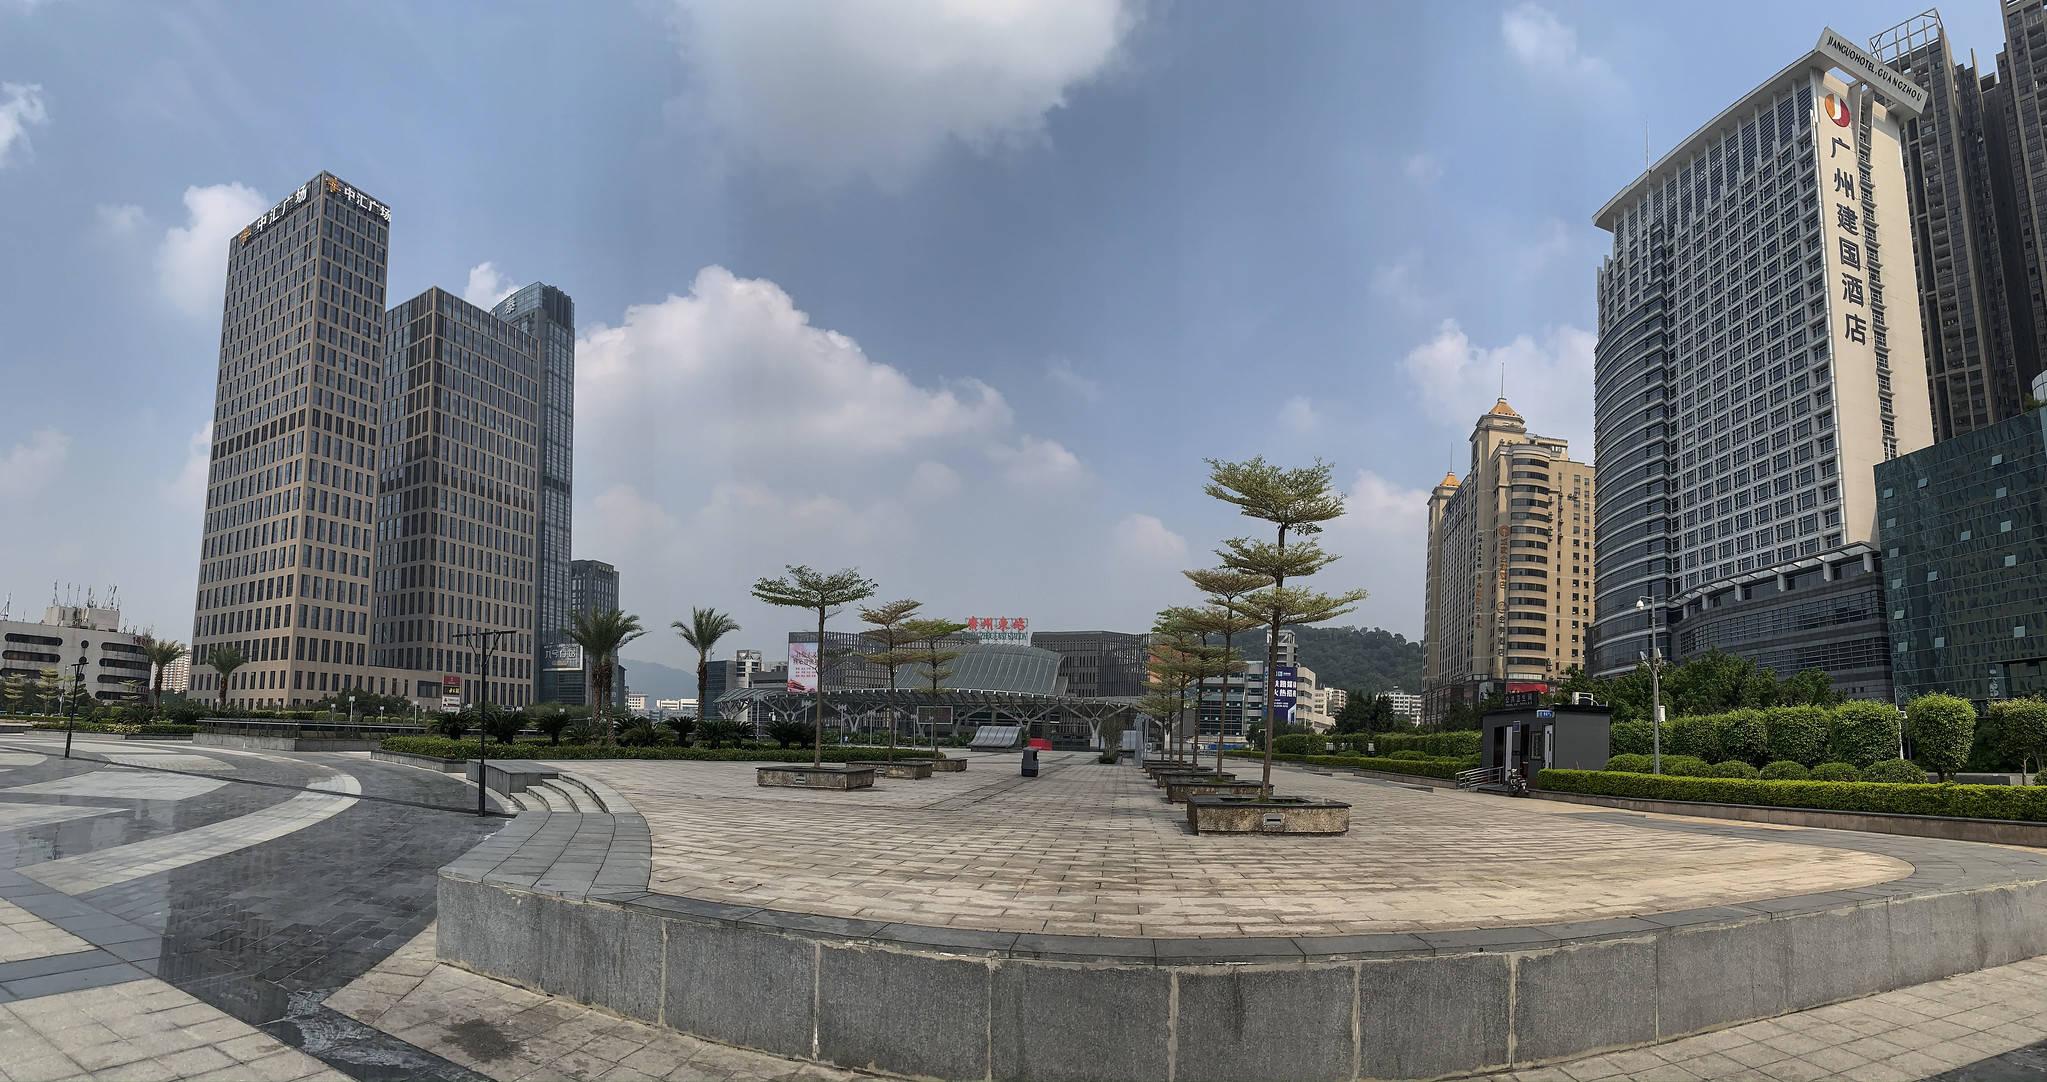 广东最幸福感的城市,不是广州和深圳,而是这座富裕之城_珠海